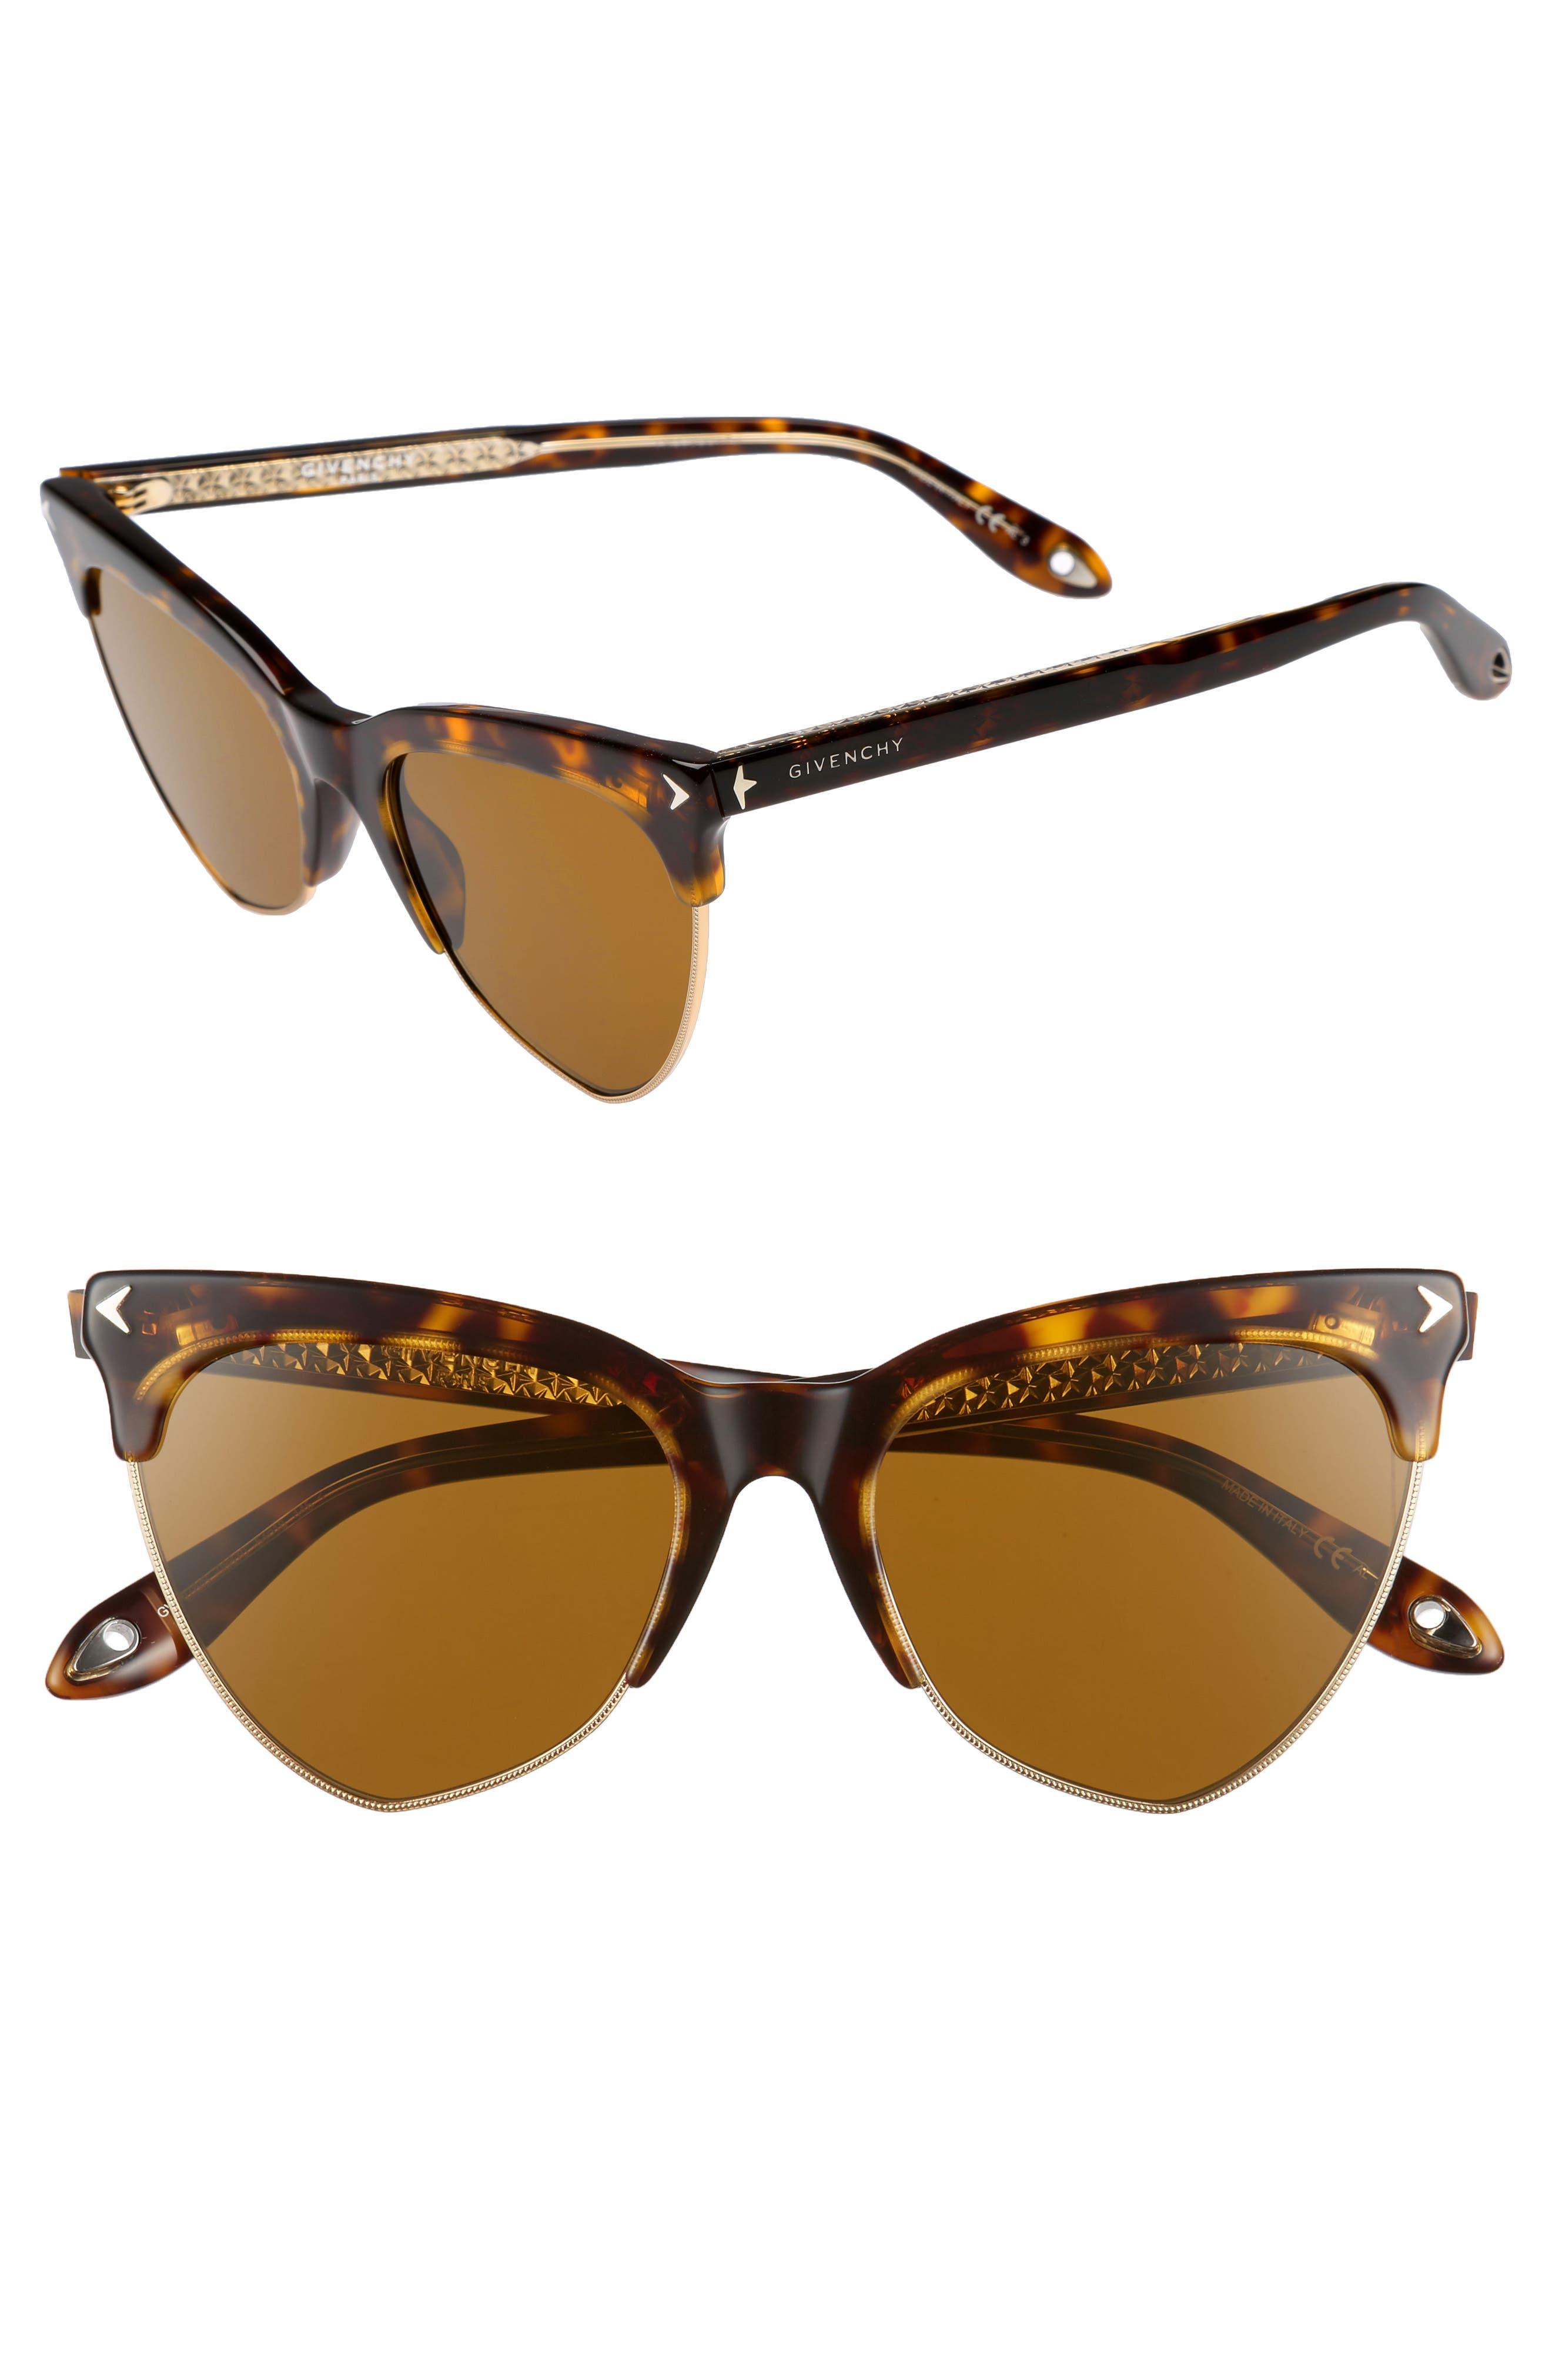 Givenchy 54mm Polarized Cat Eye Sunglasses